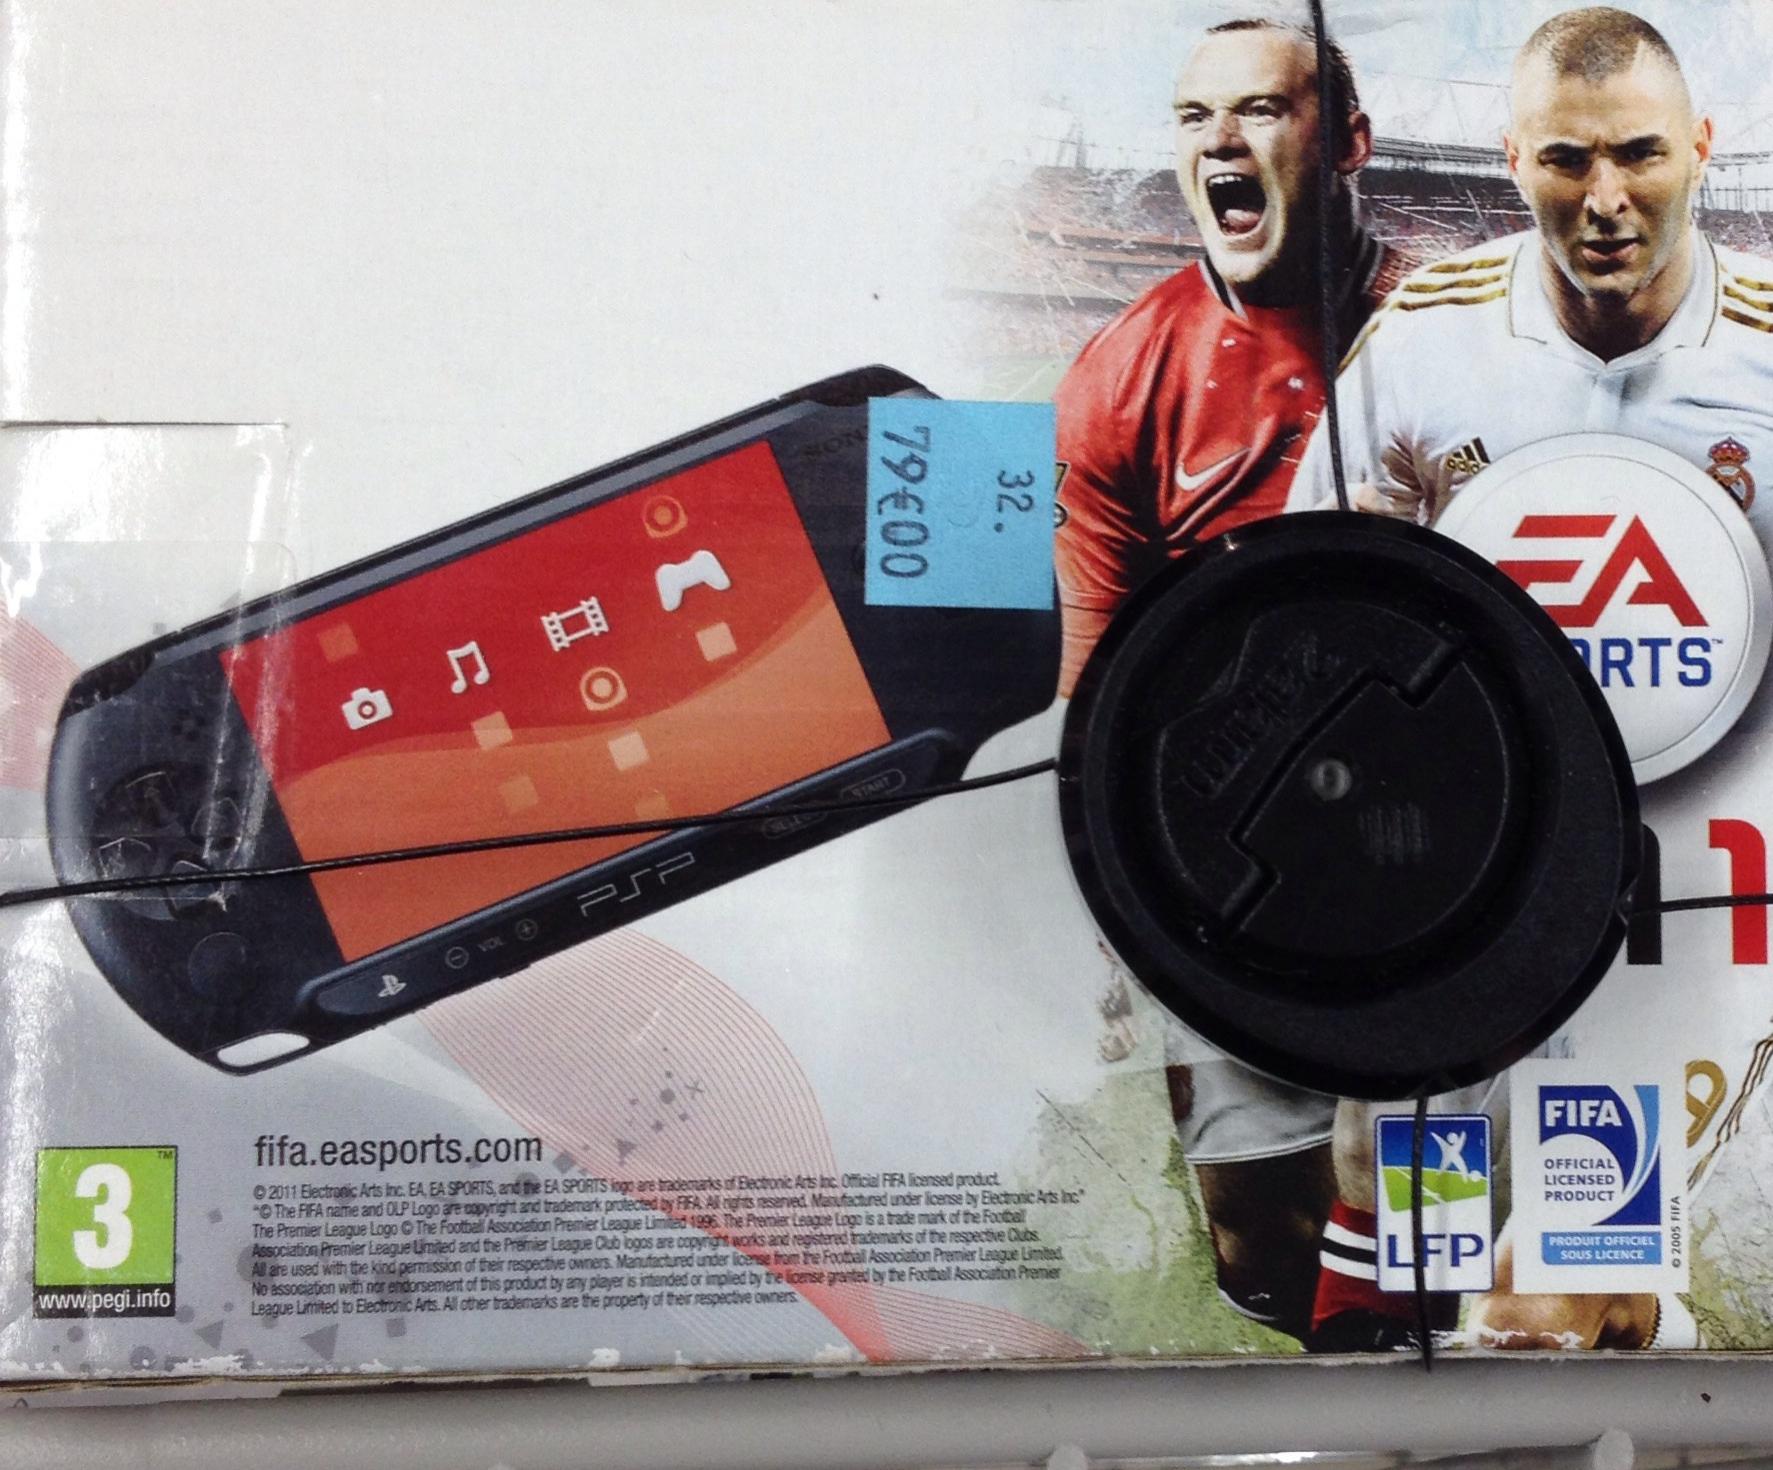 Console Sony PSP Street + FIFA 2012